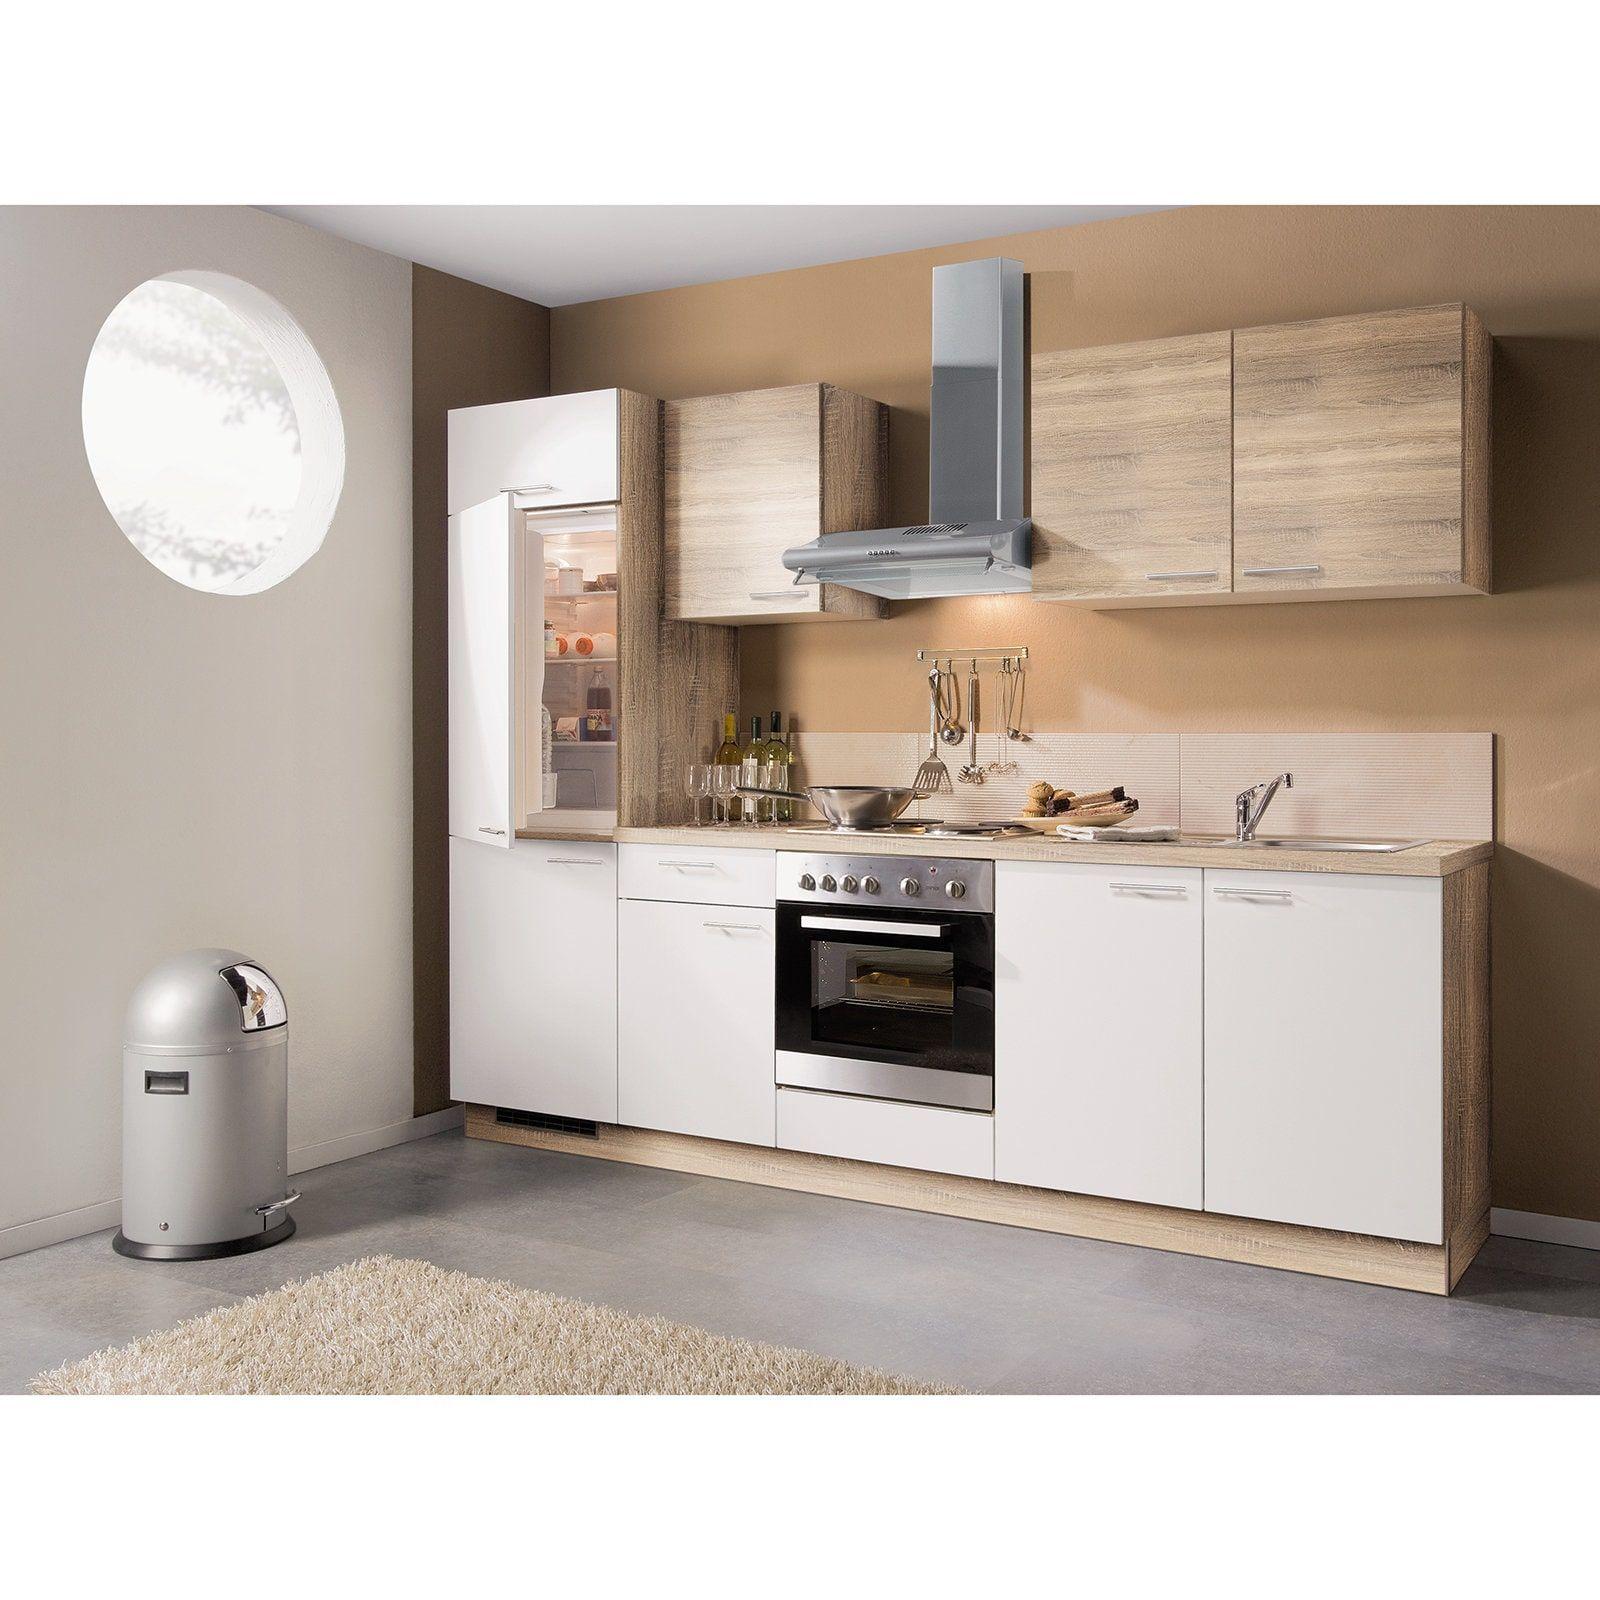 Küchenblock WIN Bergeicheweiß links mit EGeräten